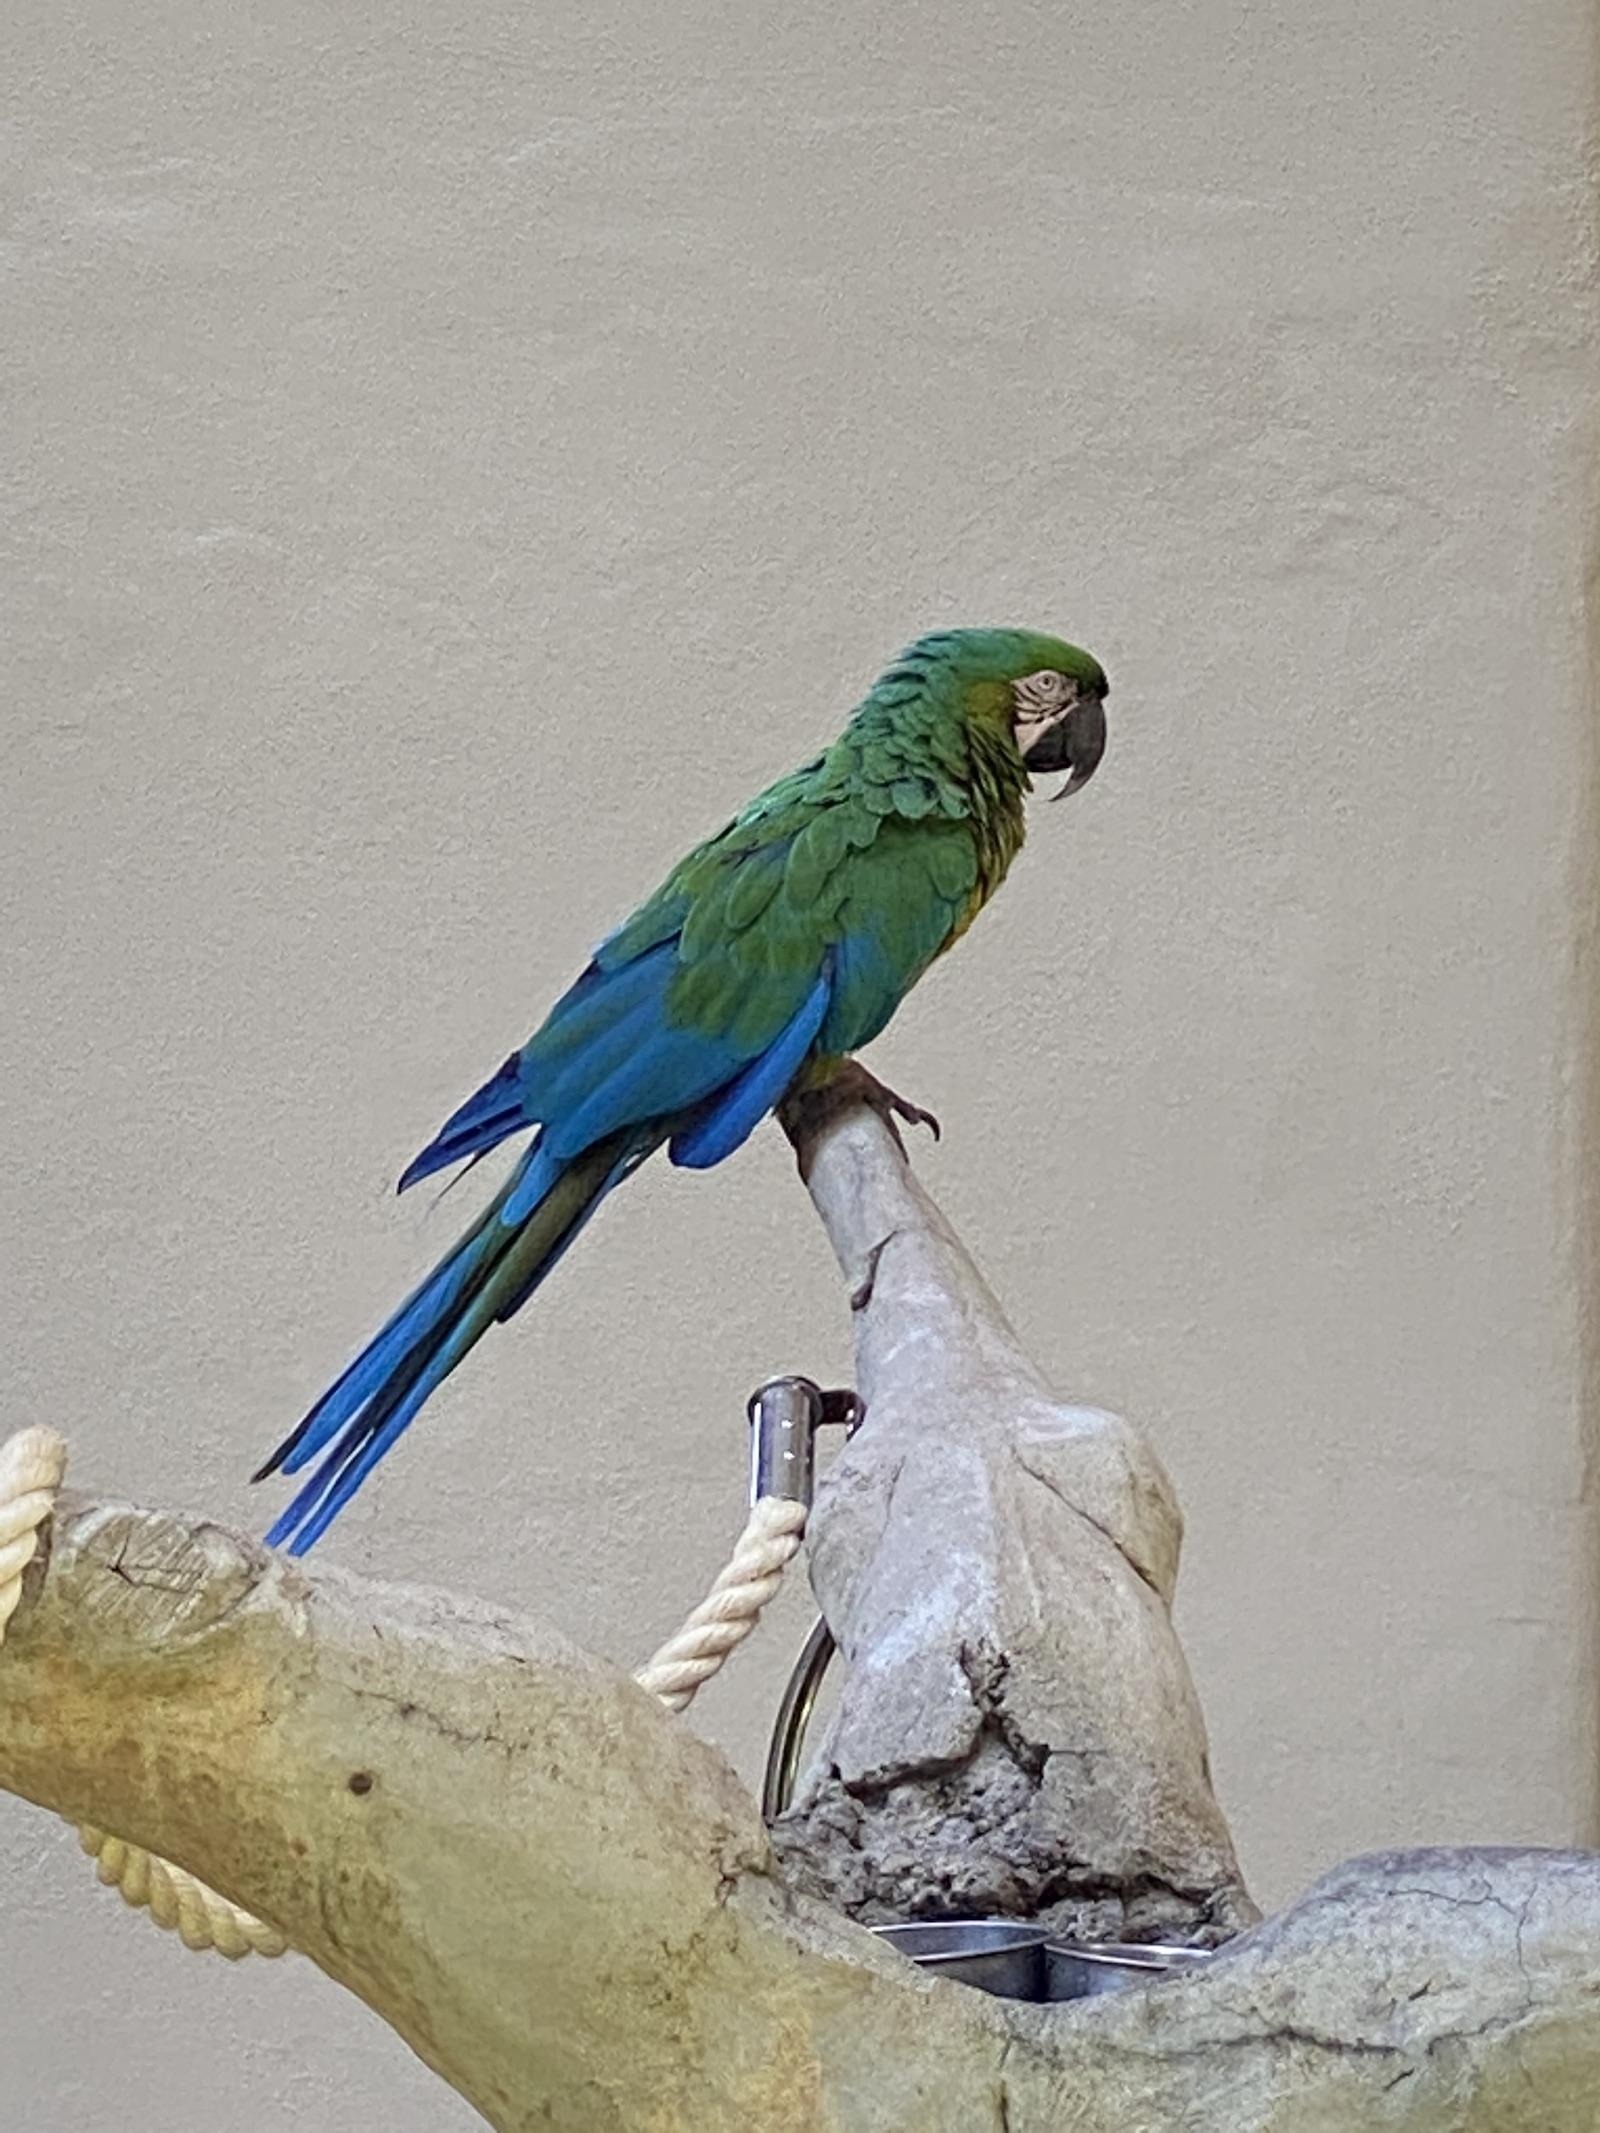 Grand Hyatt Kauai - Resident Birds